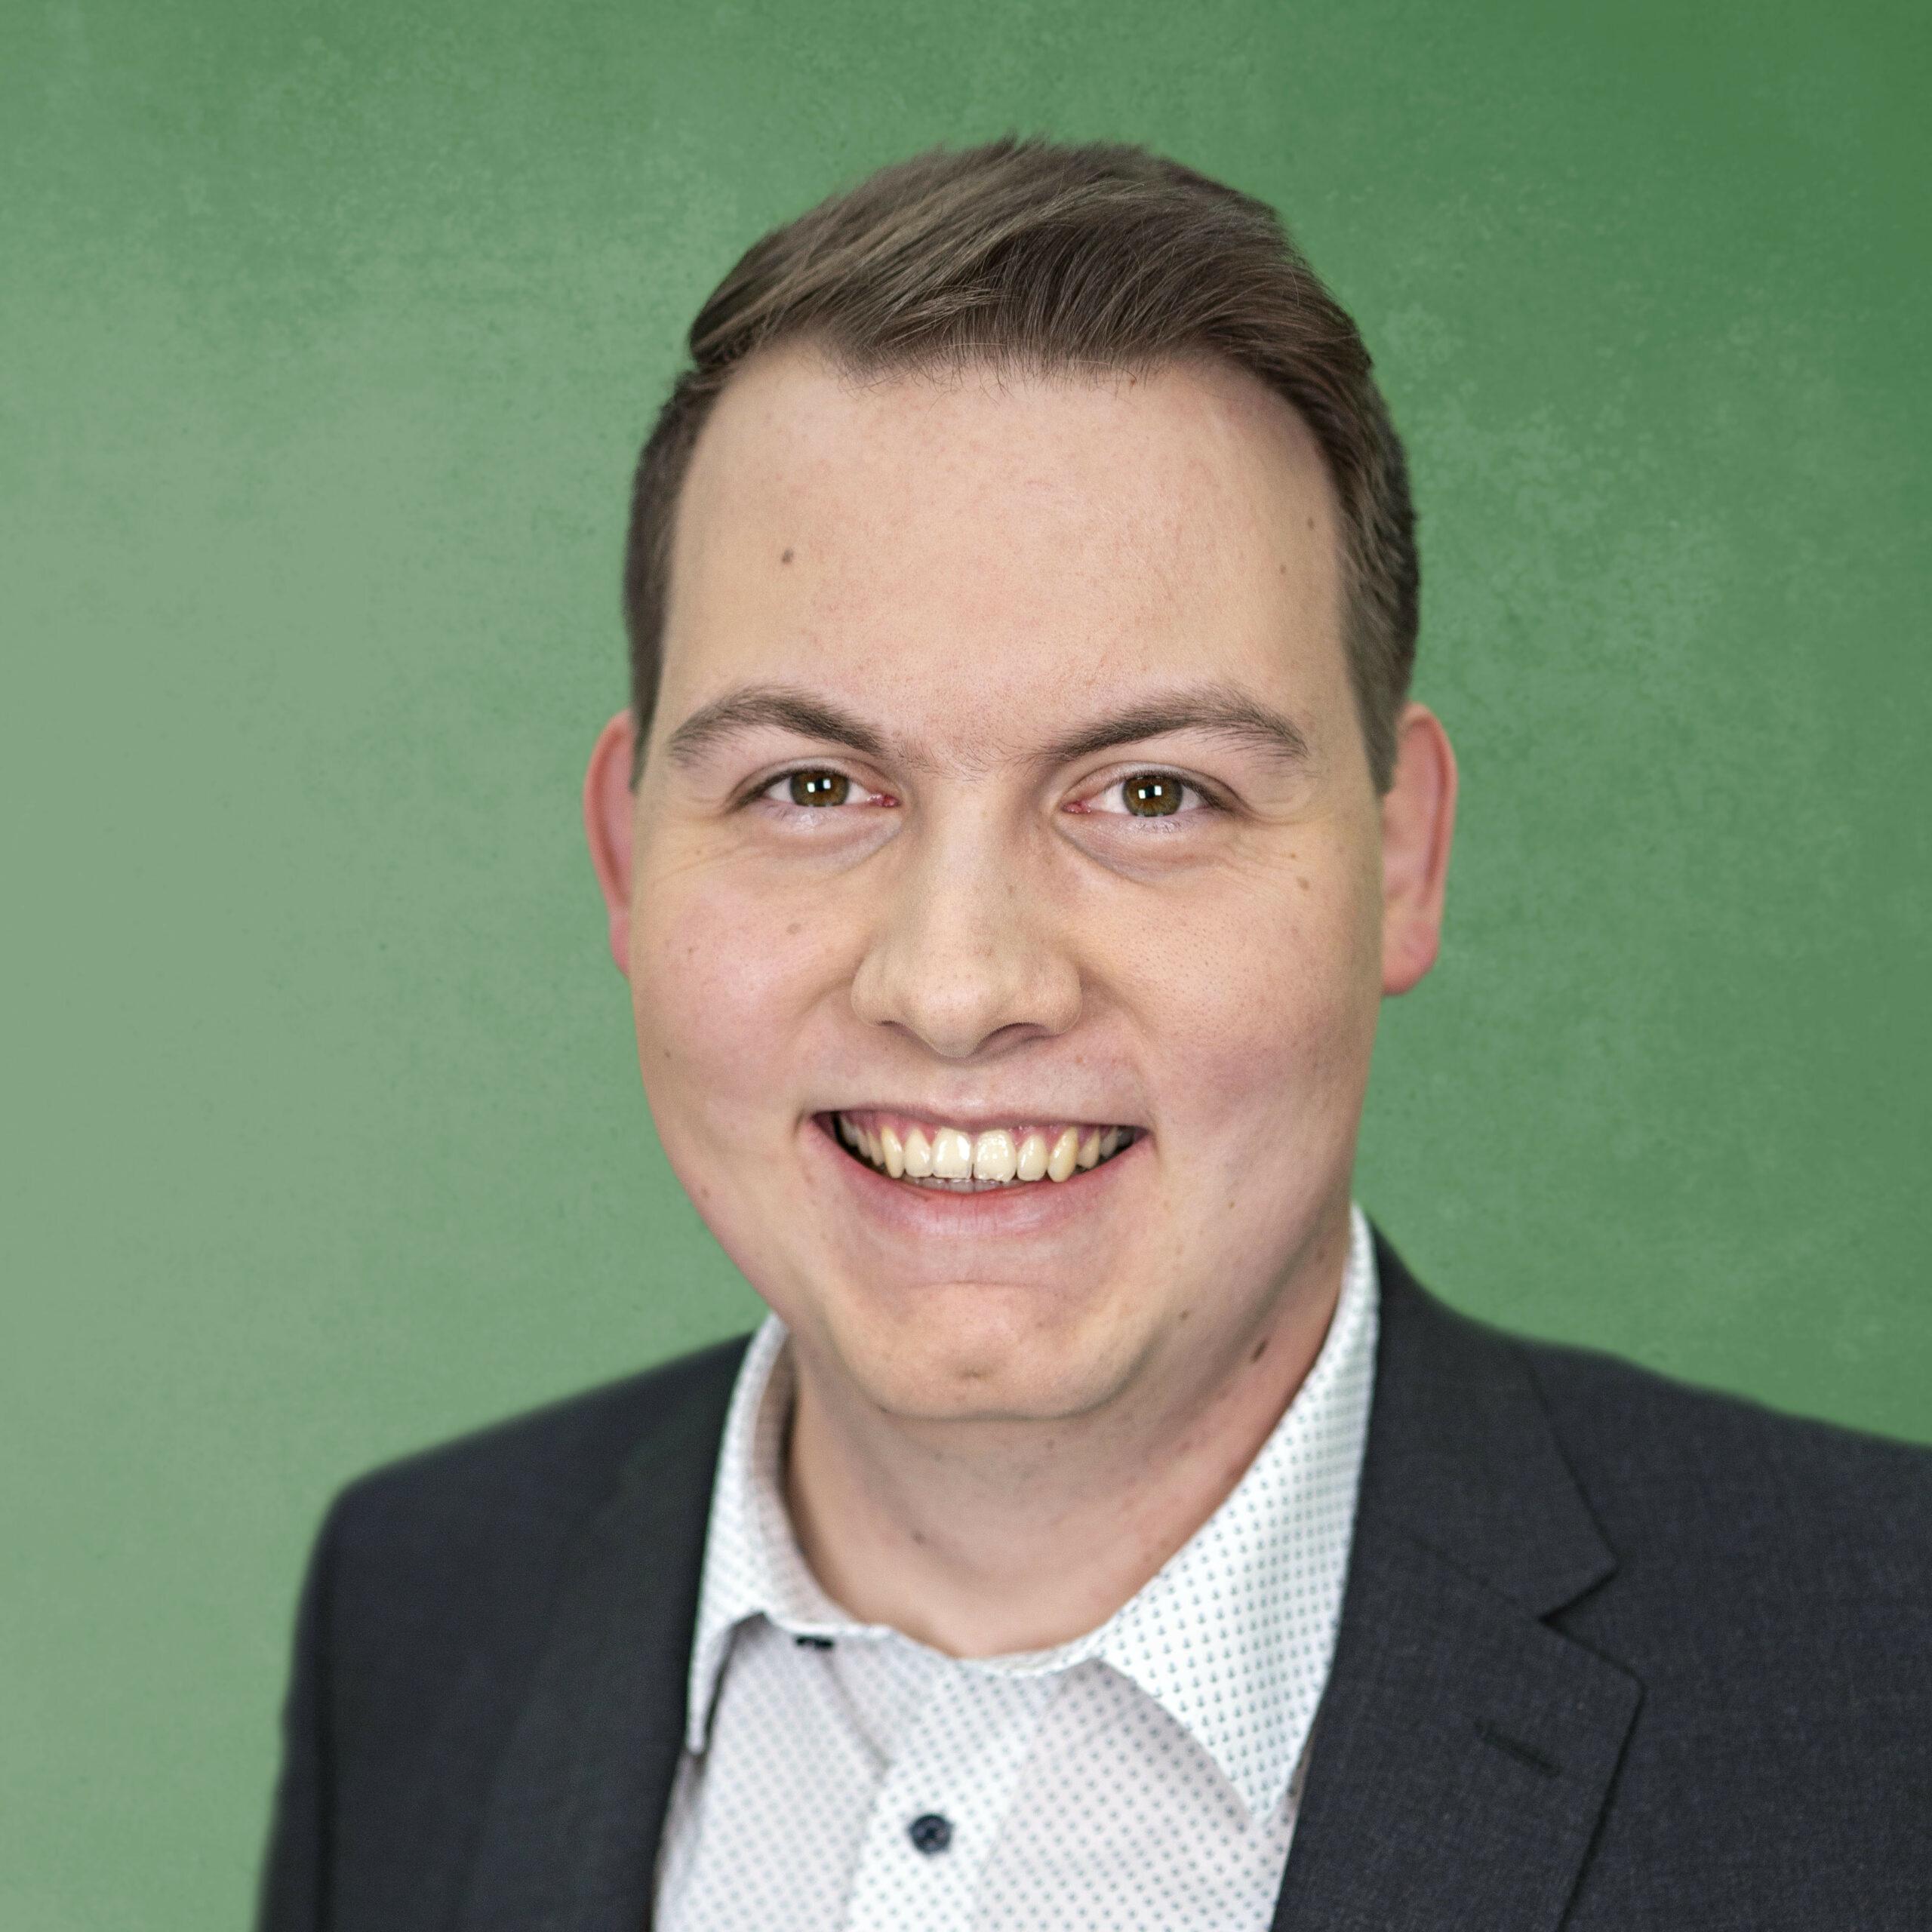 Niklas Nüssle gelingt Überraschung im Wahlkreis Waldshut